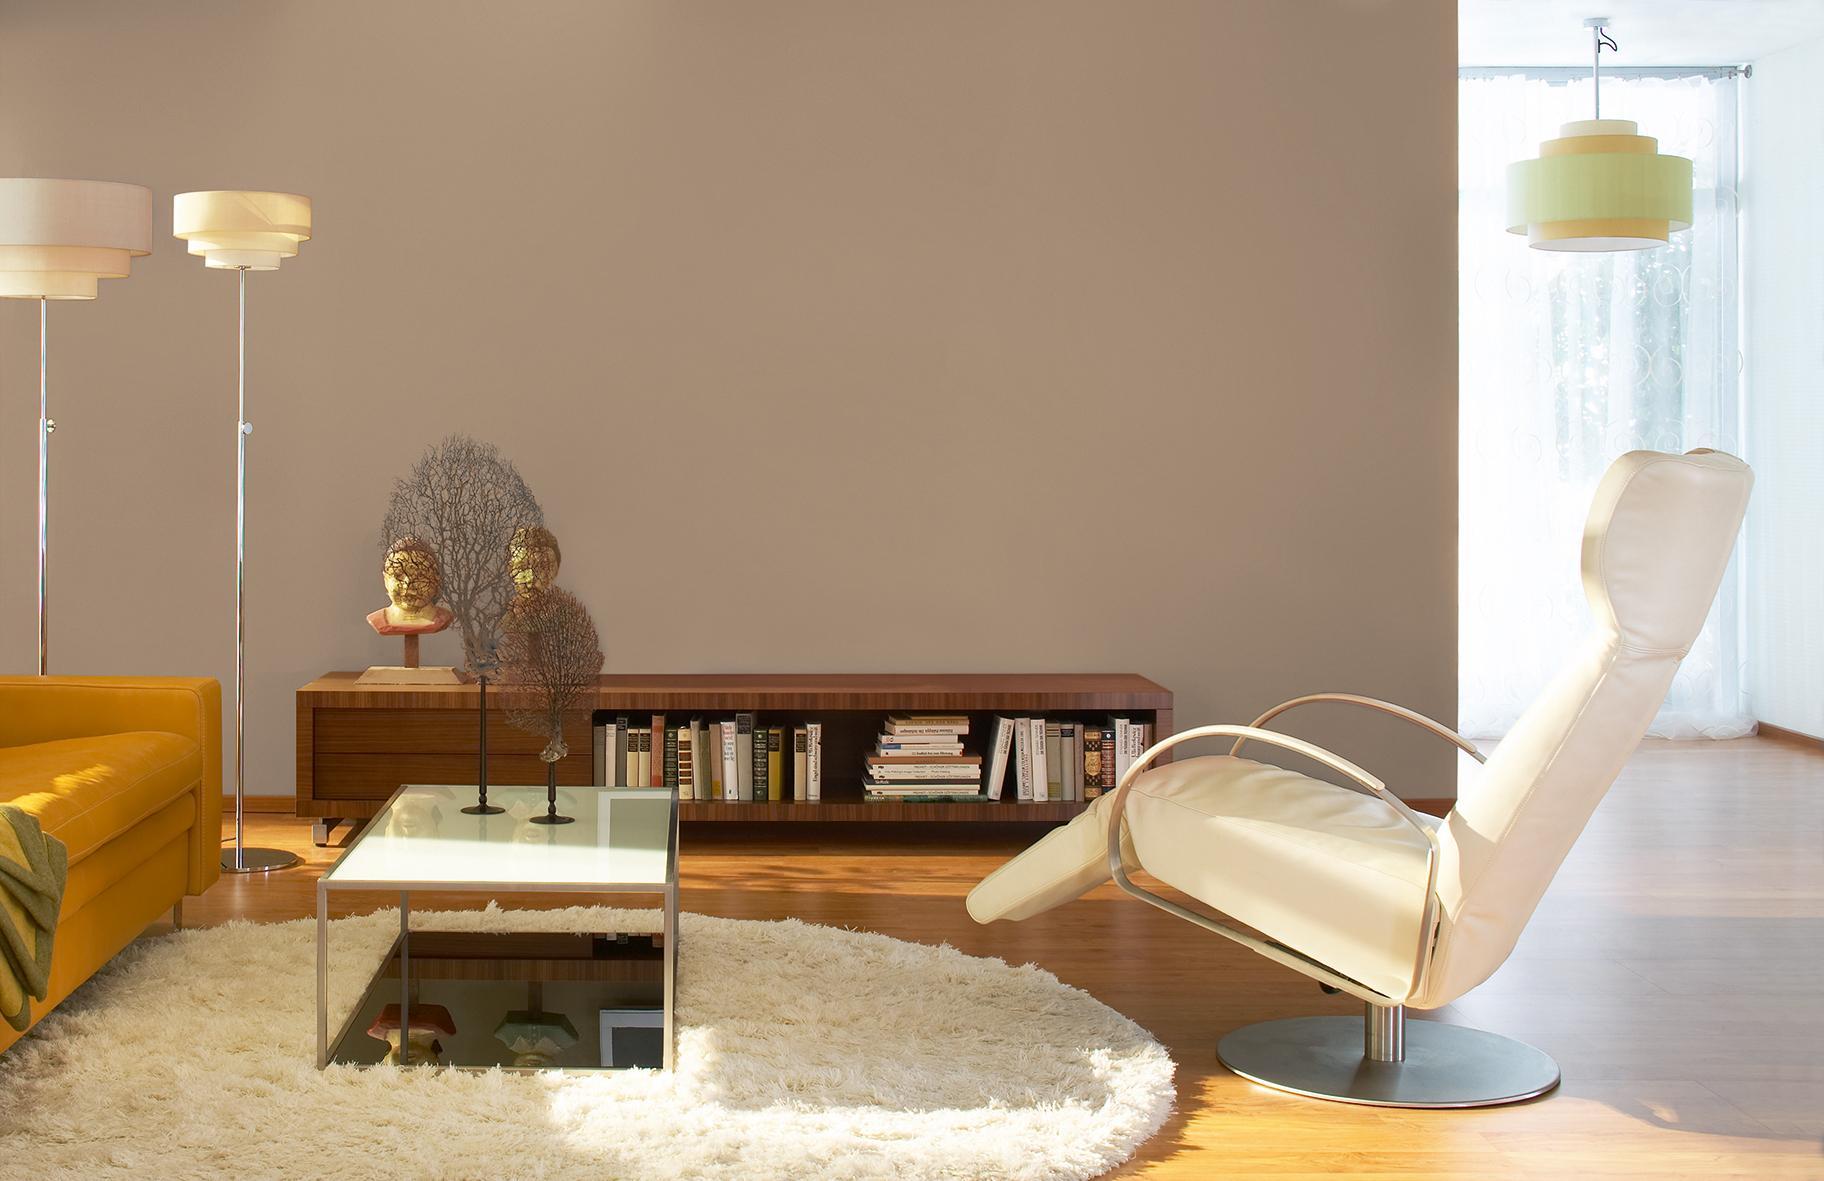 Full Size of Designer Liegestuhl Wohnzimmer Relax Ikea Ideen Zum Entspannen Bei Couch Teppich Led Beleuchtung Heizkörper Deckenleuchte Hängelampe Tischlampe Stehlampe Wohnzimmer Wohnzimmer Liegestuhl